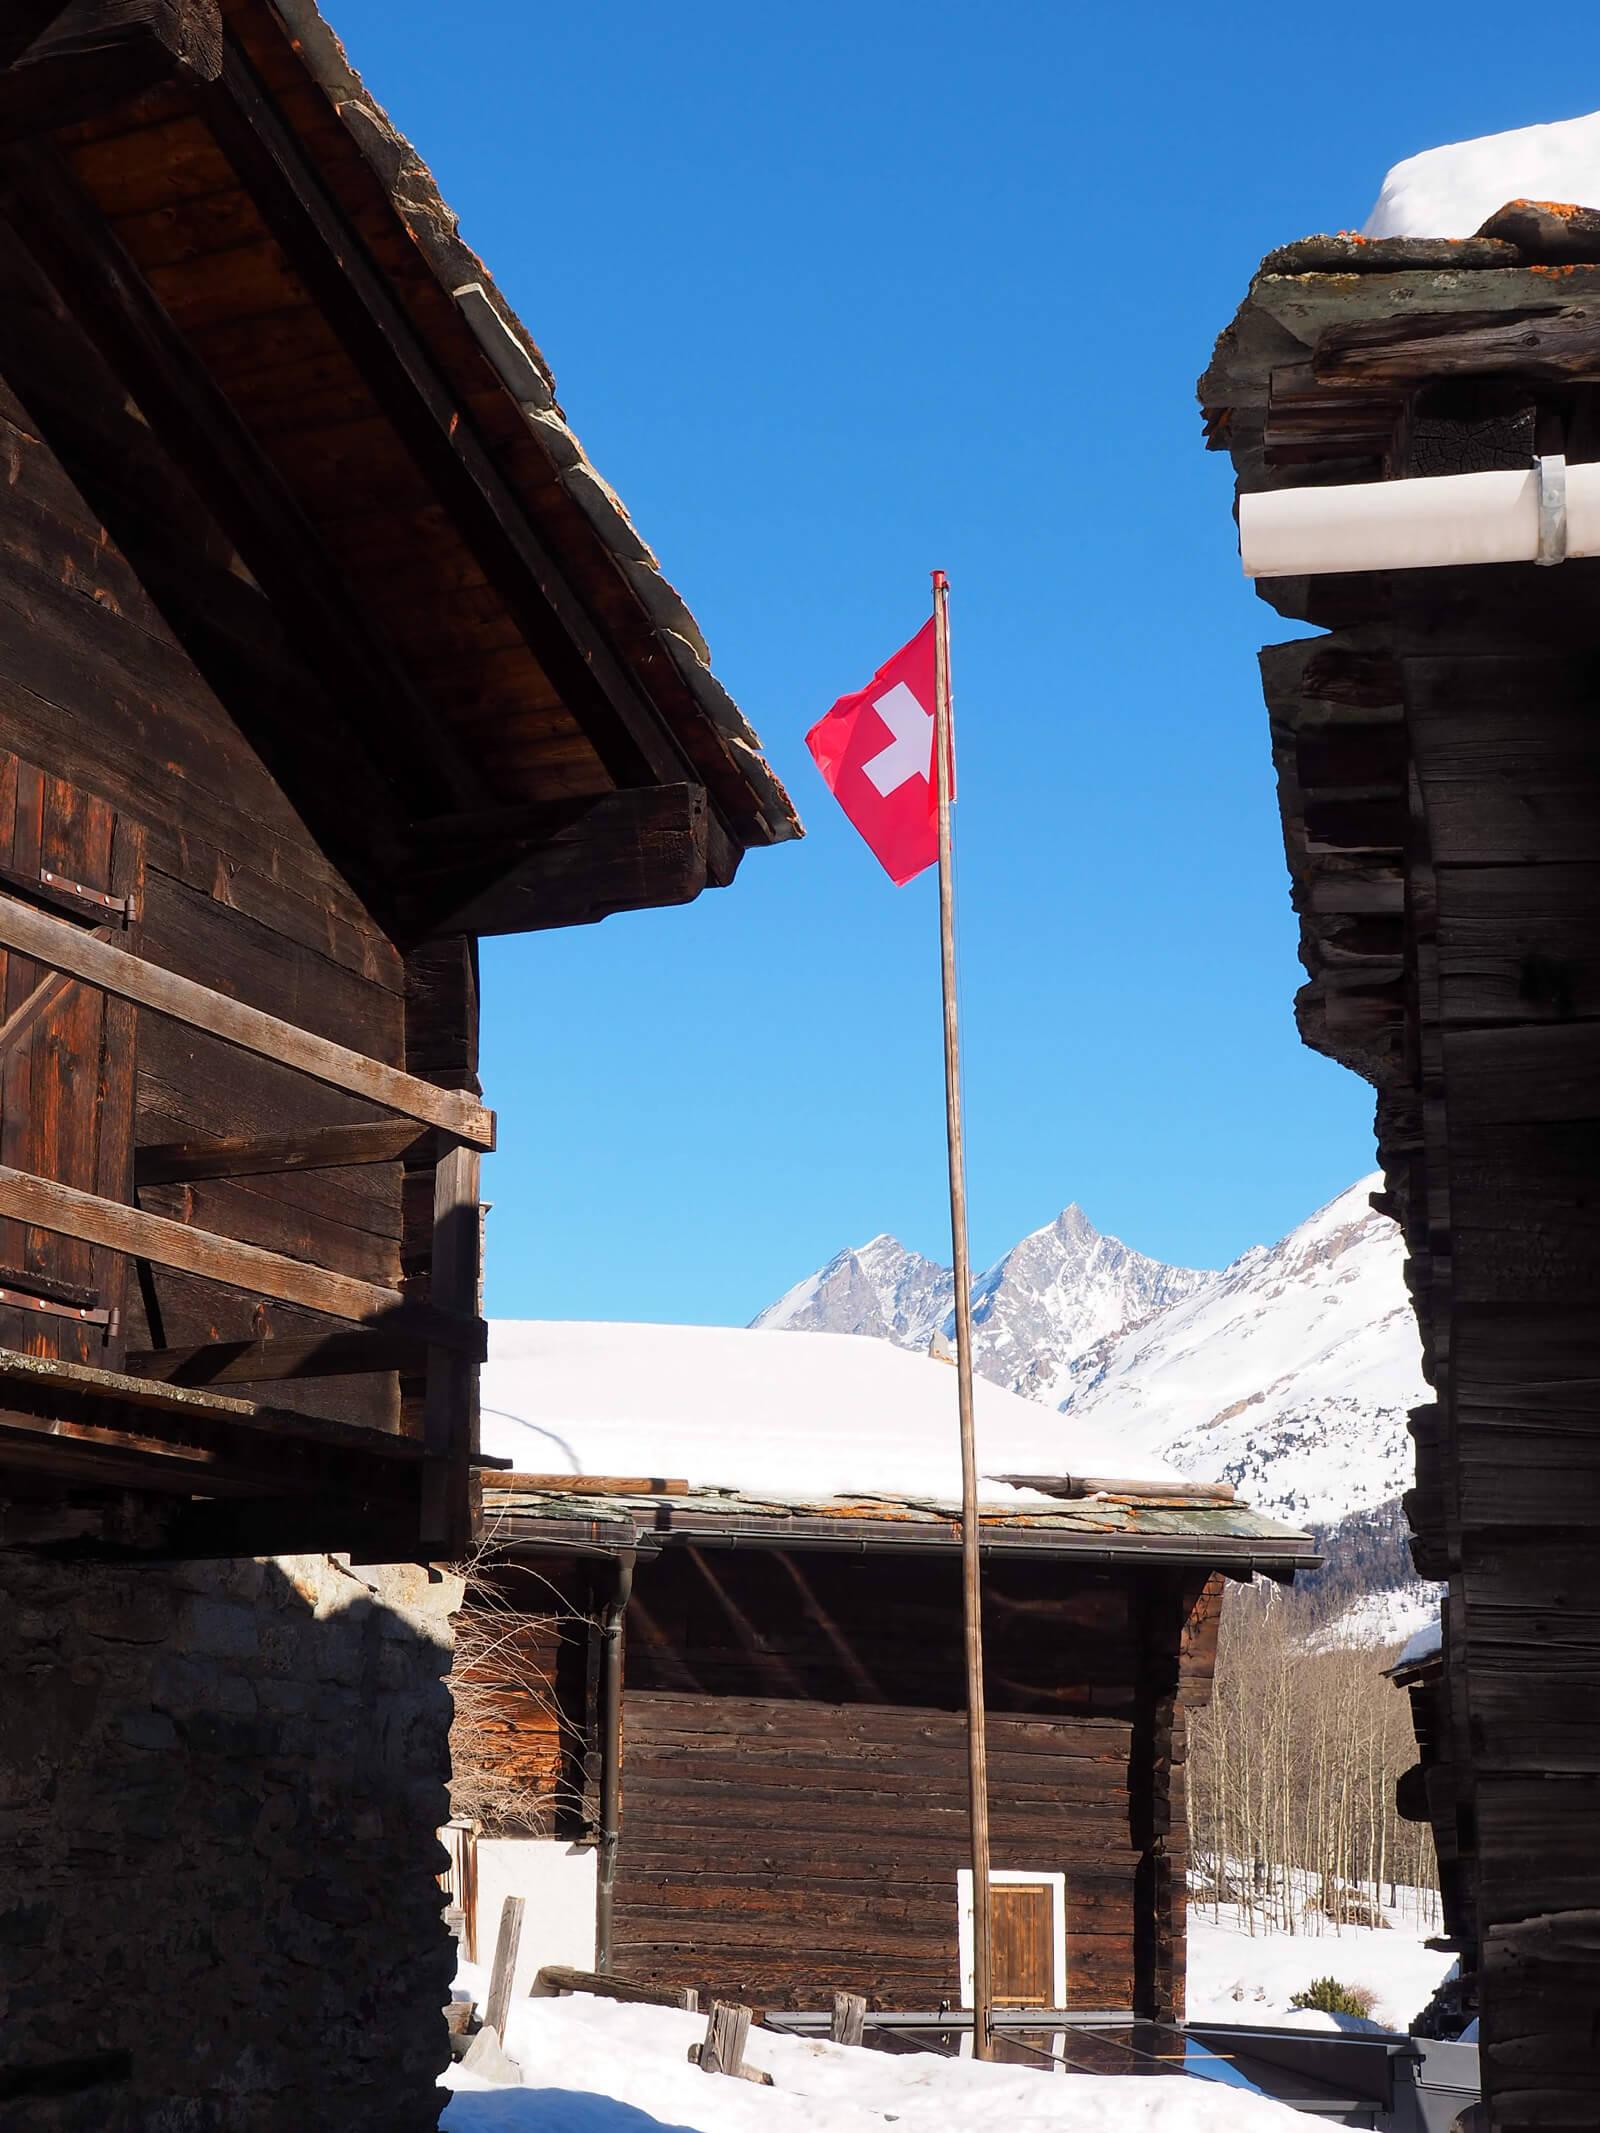 Cờ Thụy Sĩ trong một ngôi làng có tuyết phủ ở Valais, Thụy Sĩ